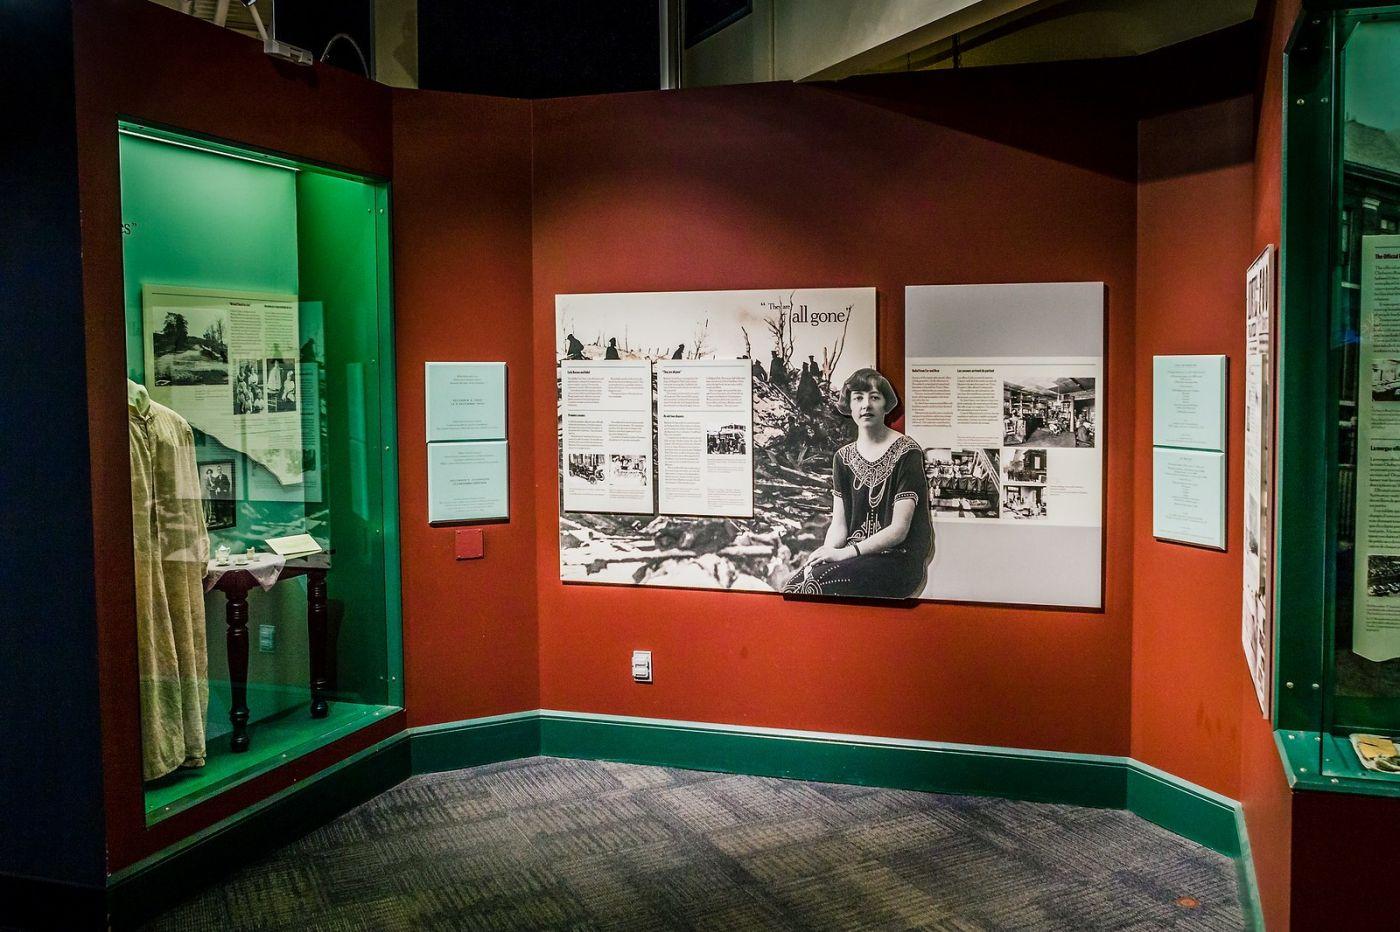 加拿大哈利法克斯(Halifax)大西洋海事博物馆_图1-36